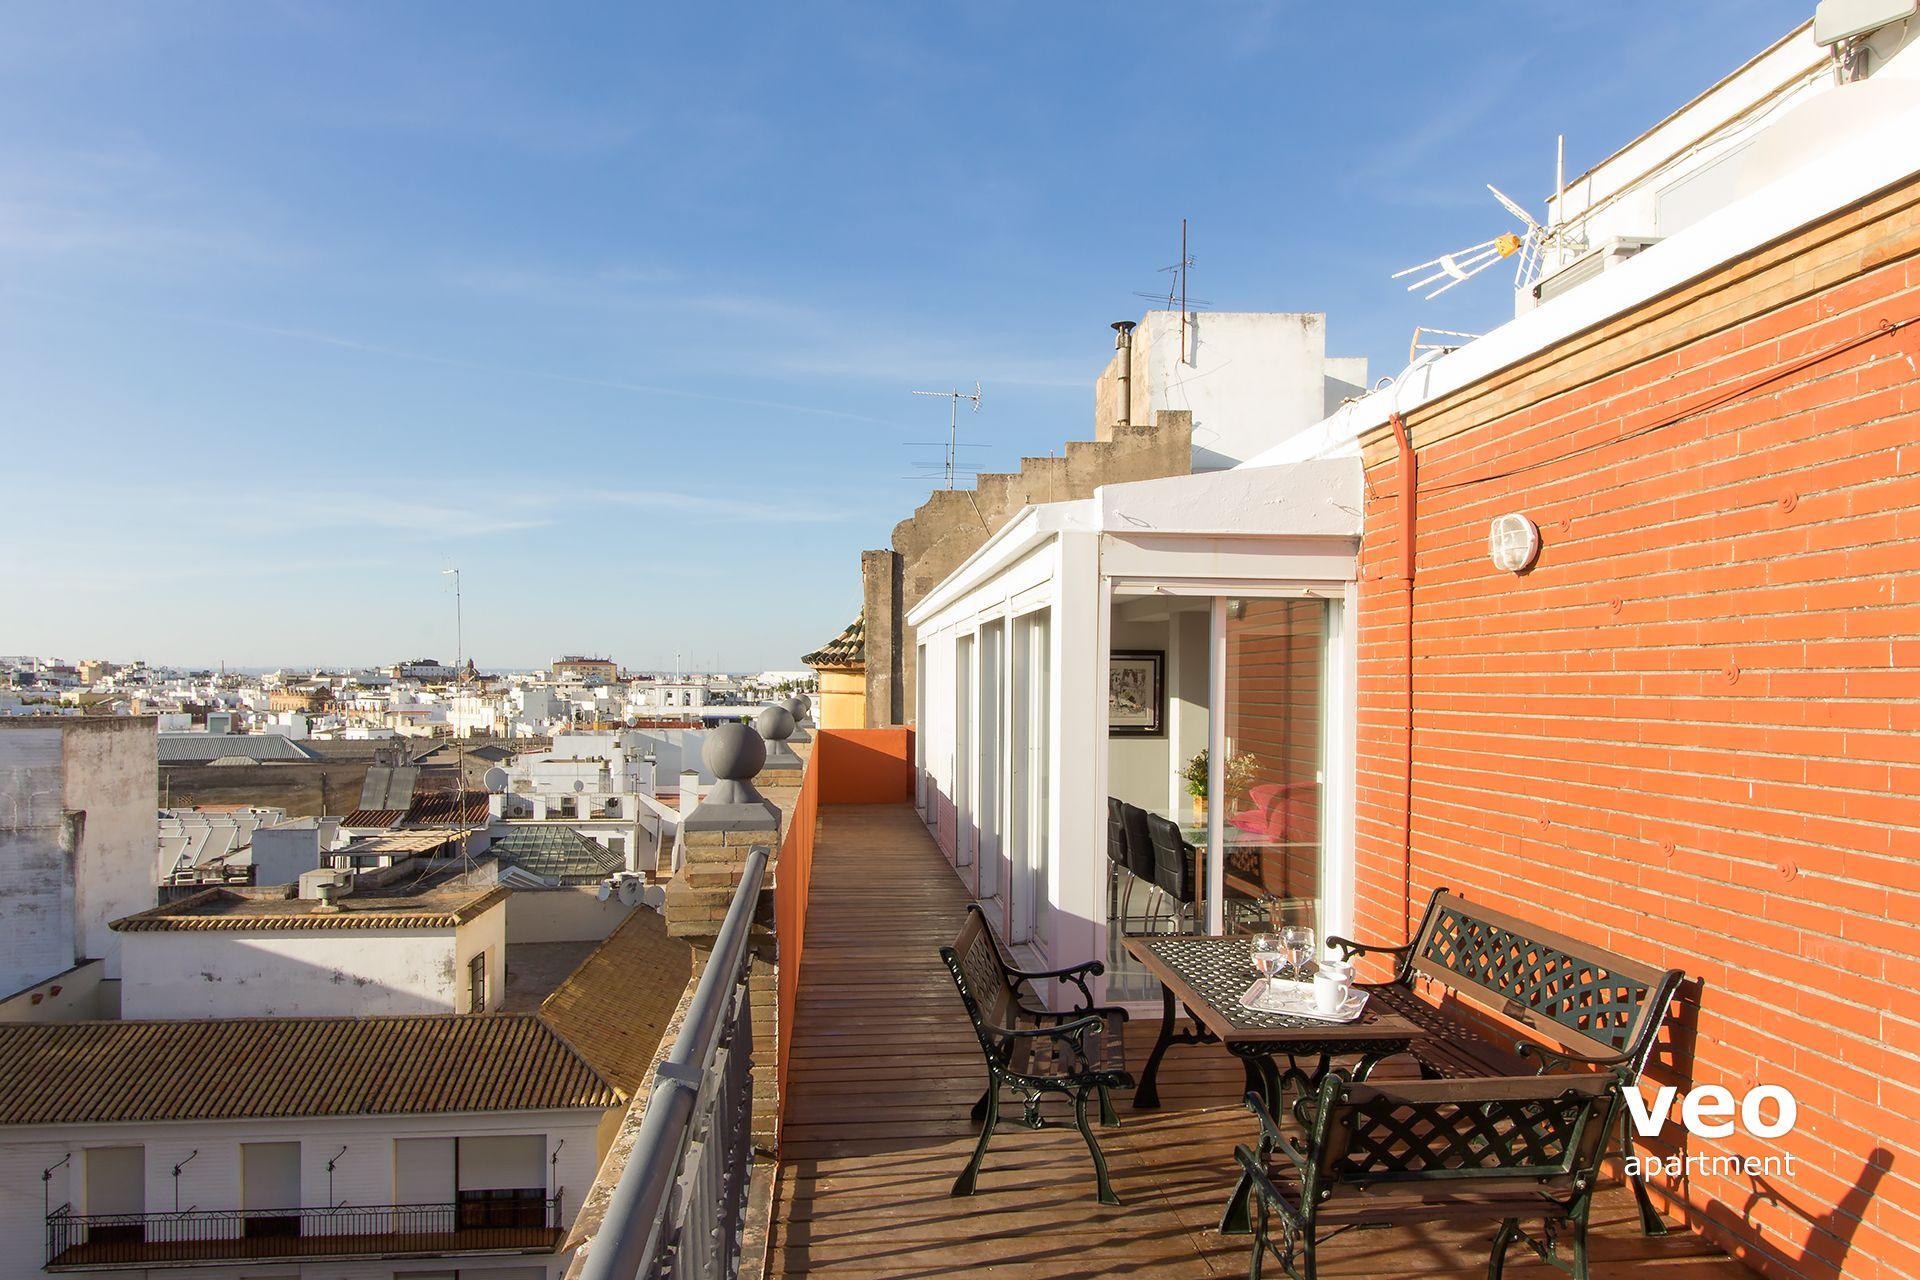 Sevilla apartmento calle adolfo rodriguez jurado sevilla for Alquiler apartamentos sevilla espana